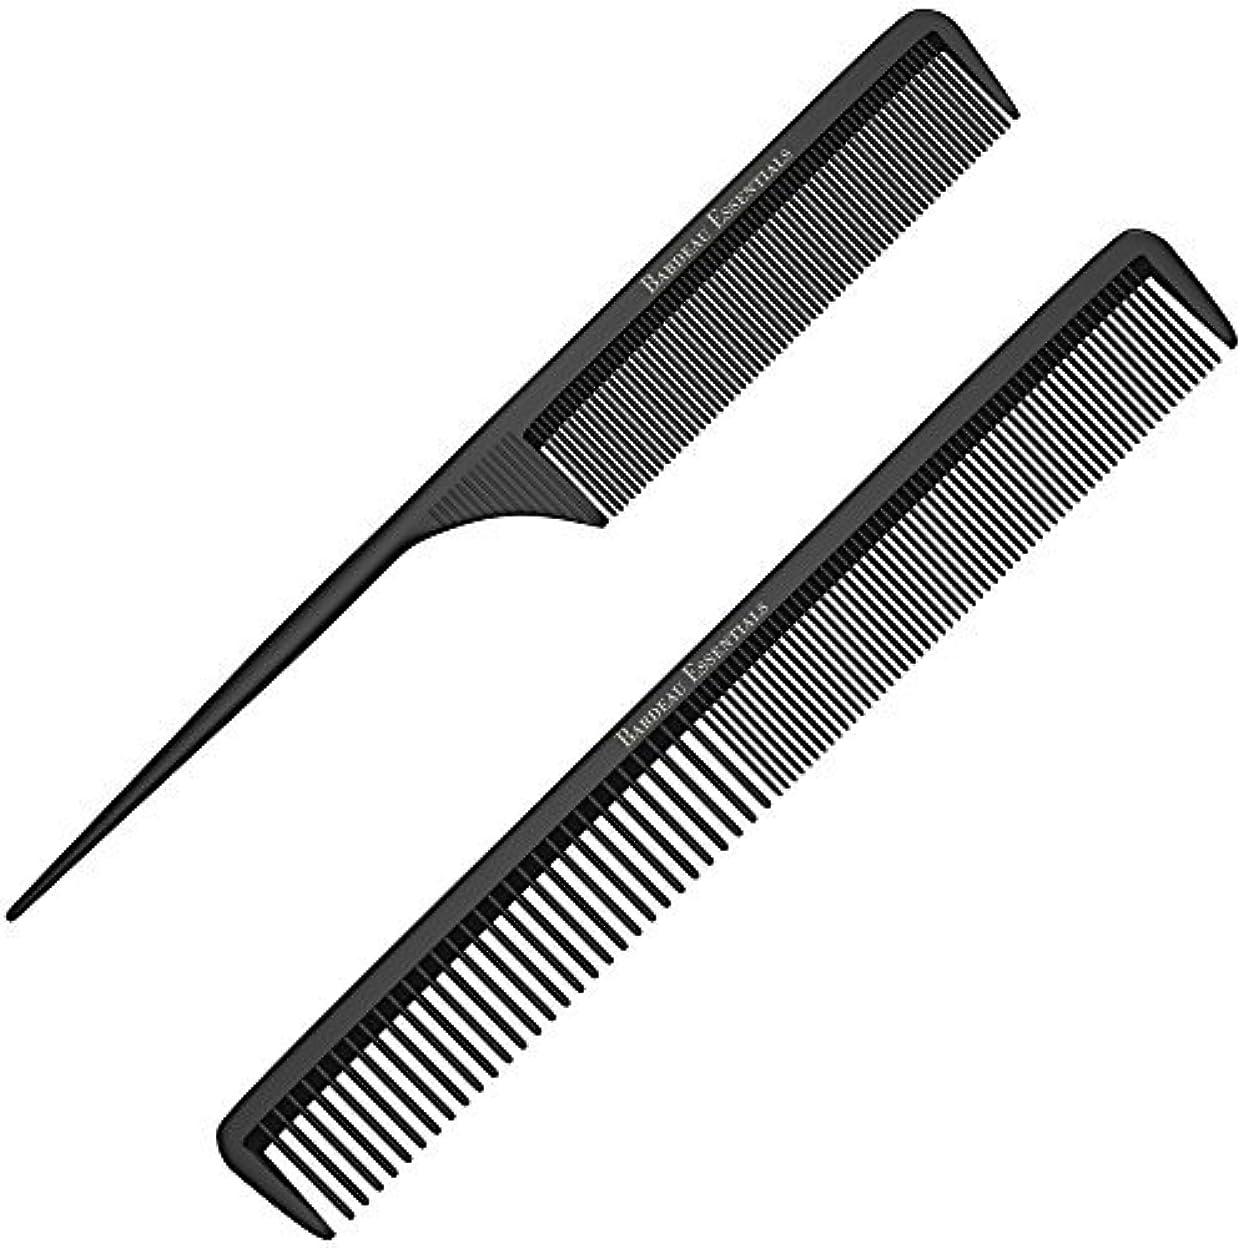 """前書き潤滑する不安Styling Comb and Tail Comb Combo Pack   Professional 8.75"""" Black Carbon Fiber Anti Static Chemical And Heat Resistant Combs For All Hair Types   For Men and Women   By Bardeau Essentials [並行輸入品]"""